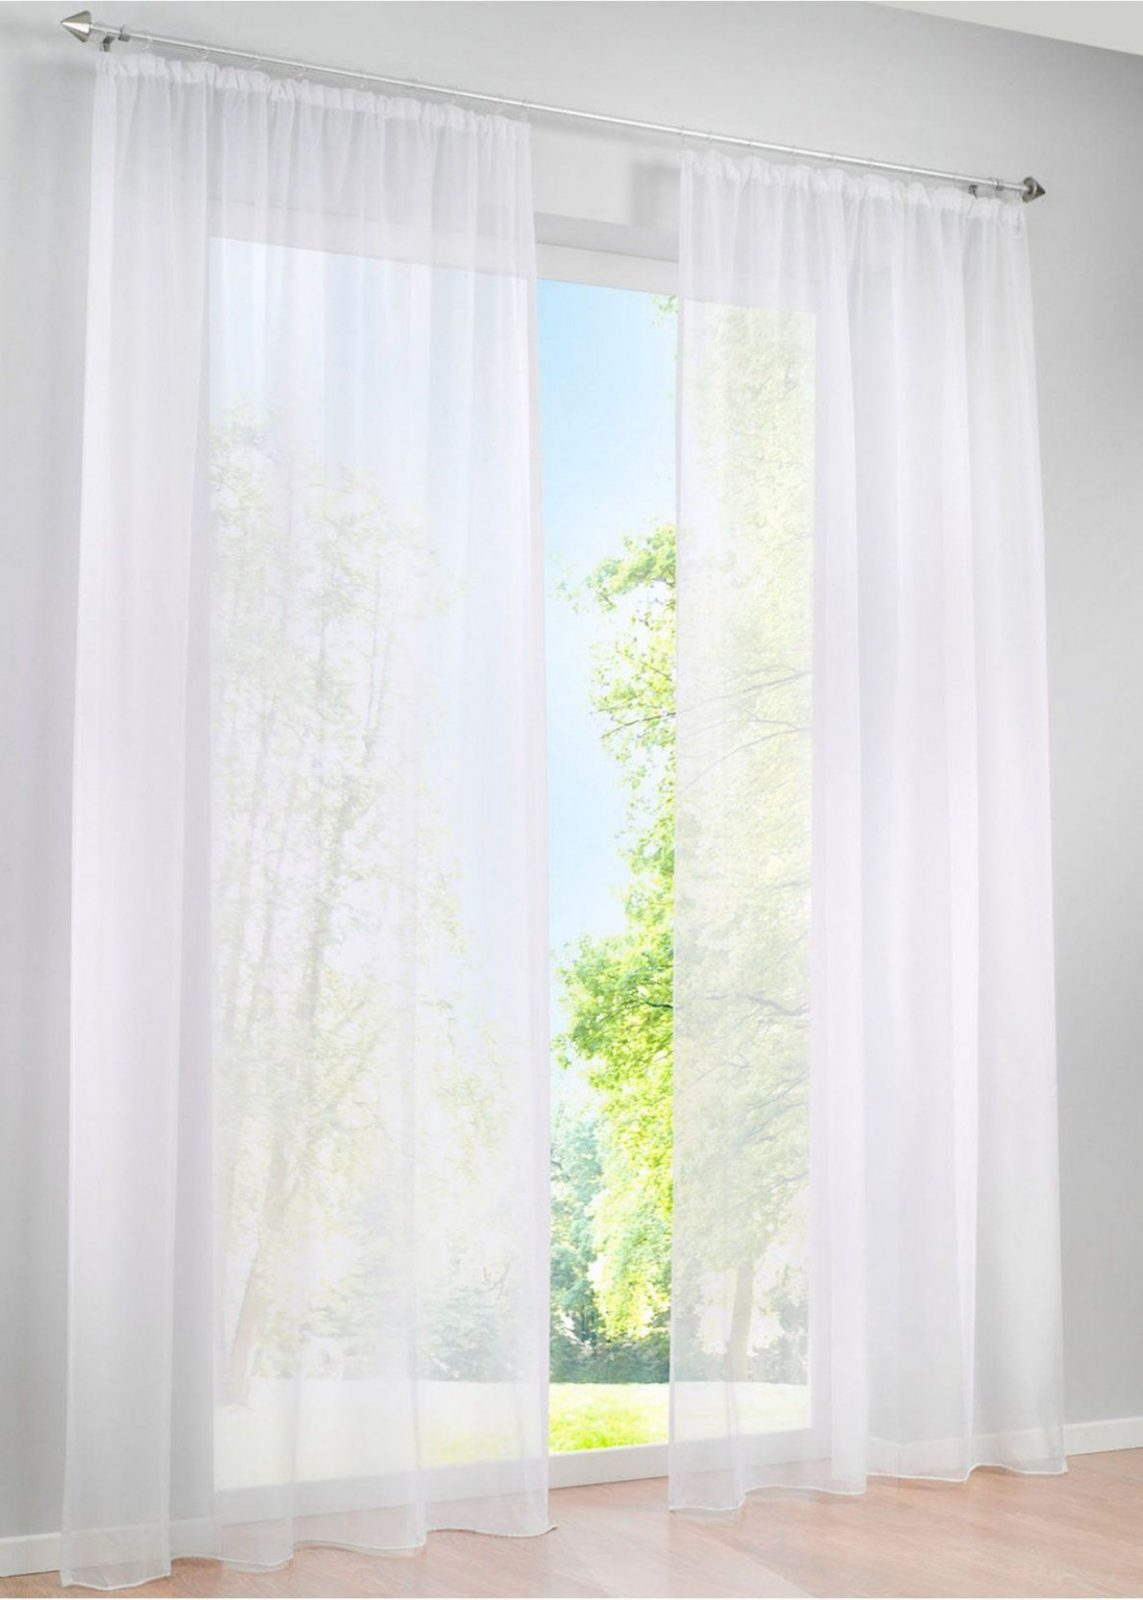 Schöne Aussichten Die Transparente Voilegardine Uni In Tollen von Gardine Weiß Transparent Kräuselband Bild